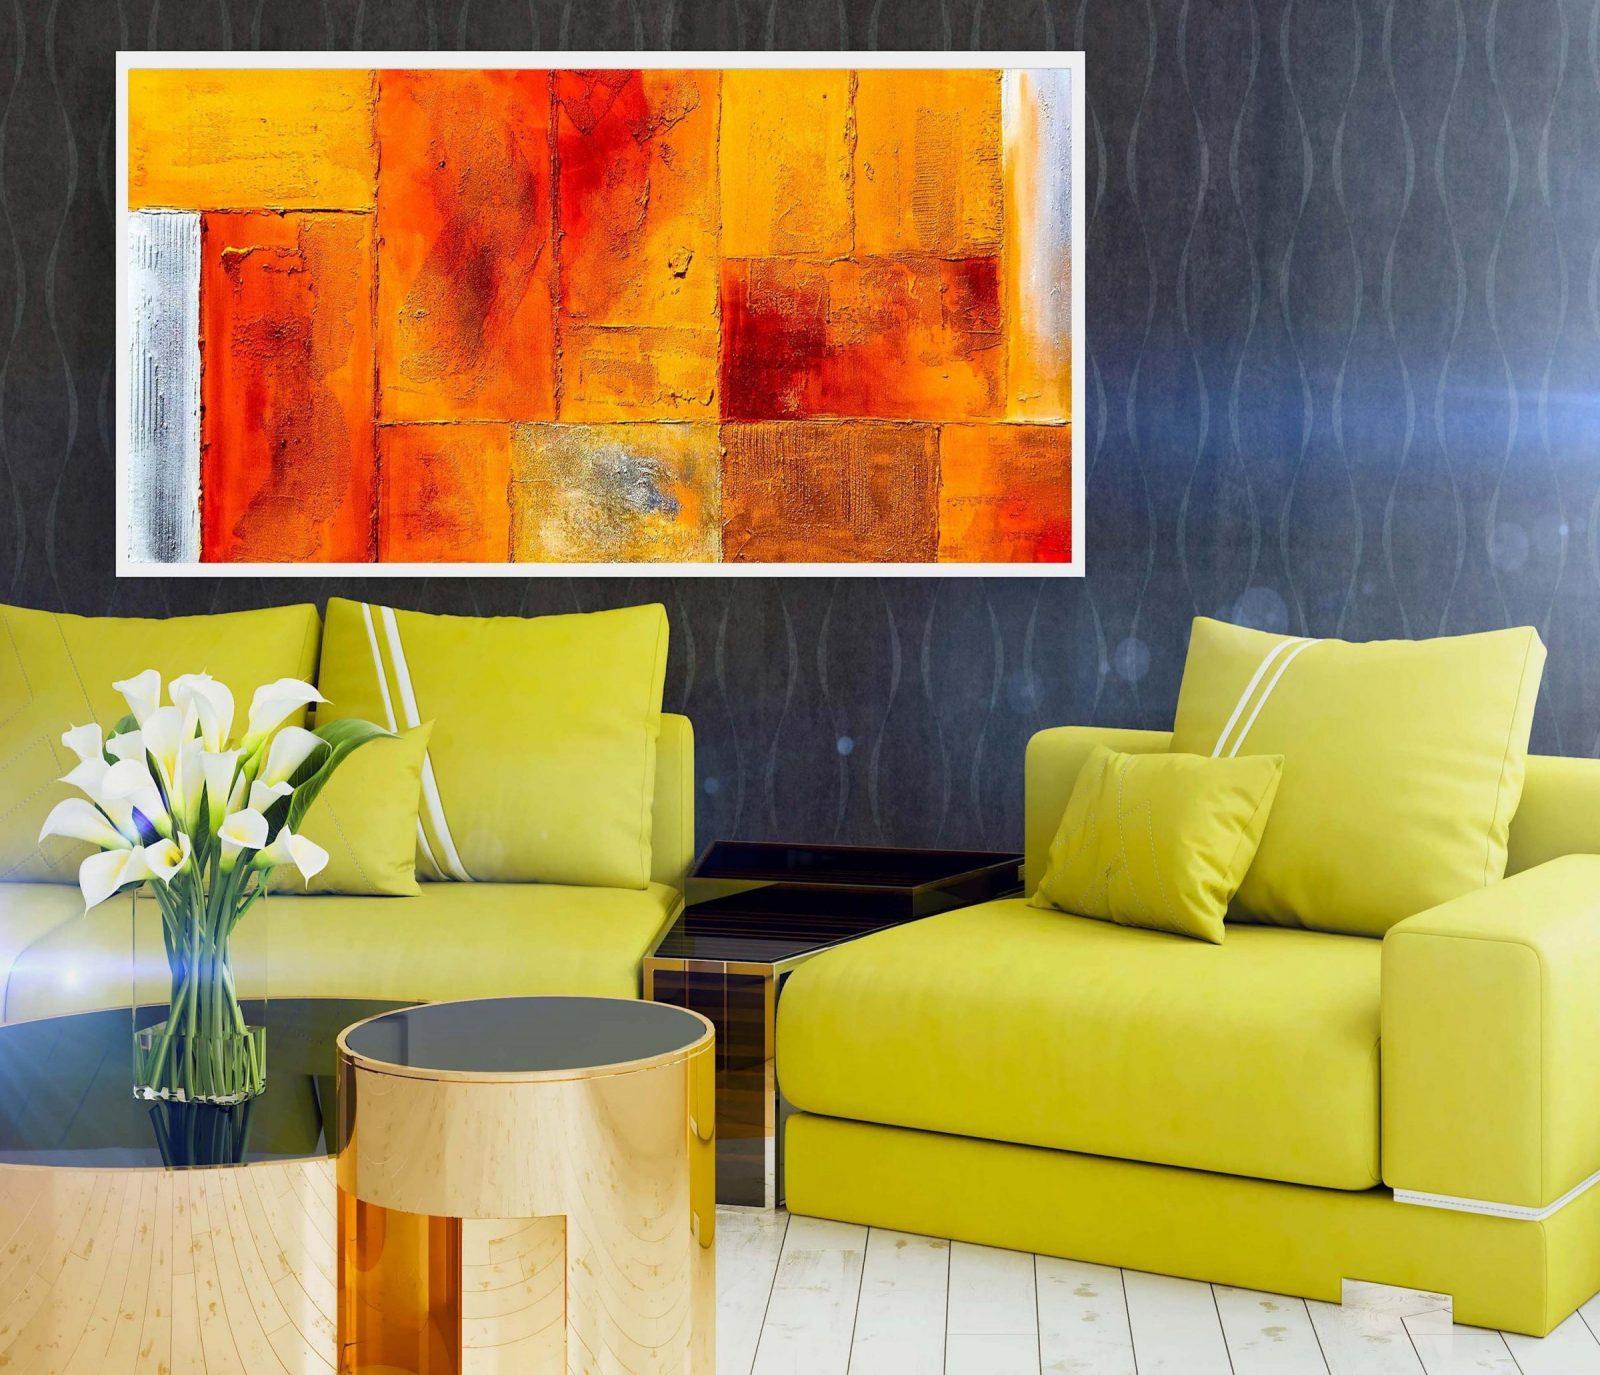 Große Abstrakte Ölgemälde Auf Leinwand Für Wohnzimmer Wohnkultur von Grosse Bilder Fürs Wohnzimmer Photo